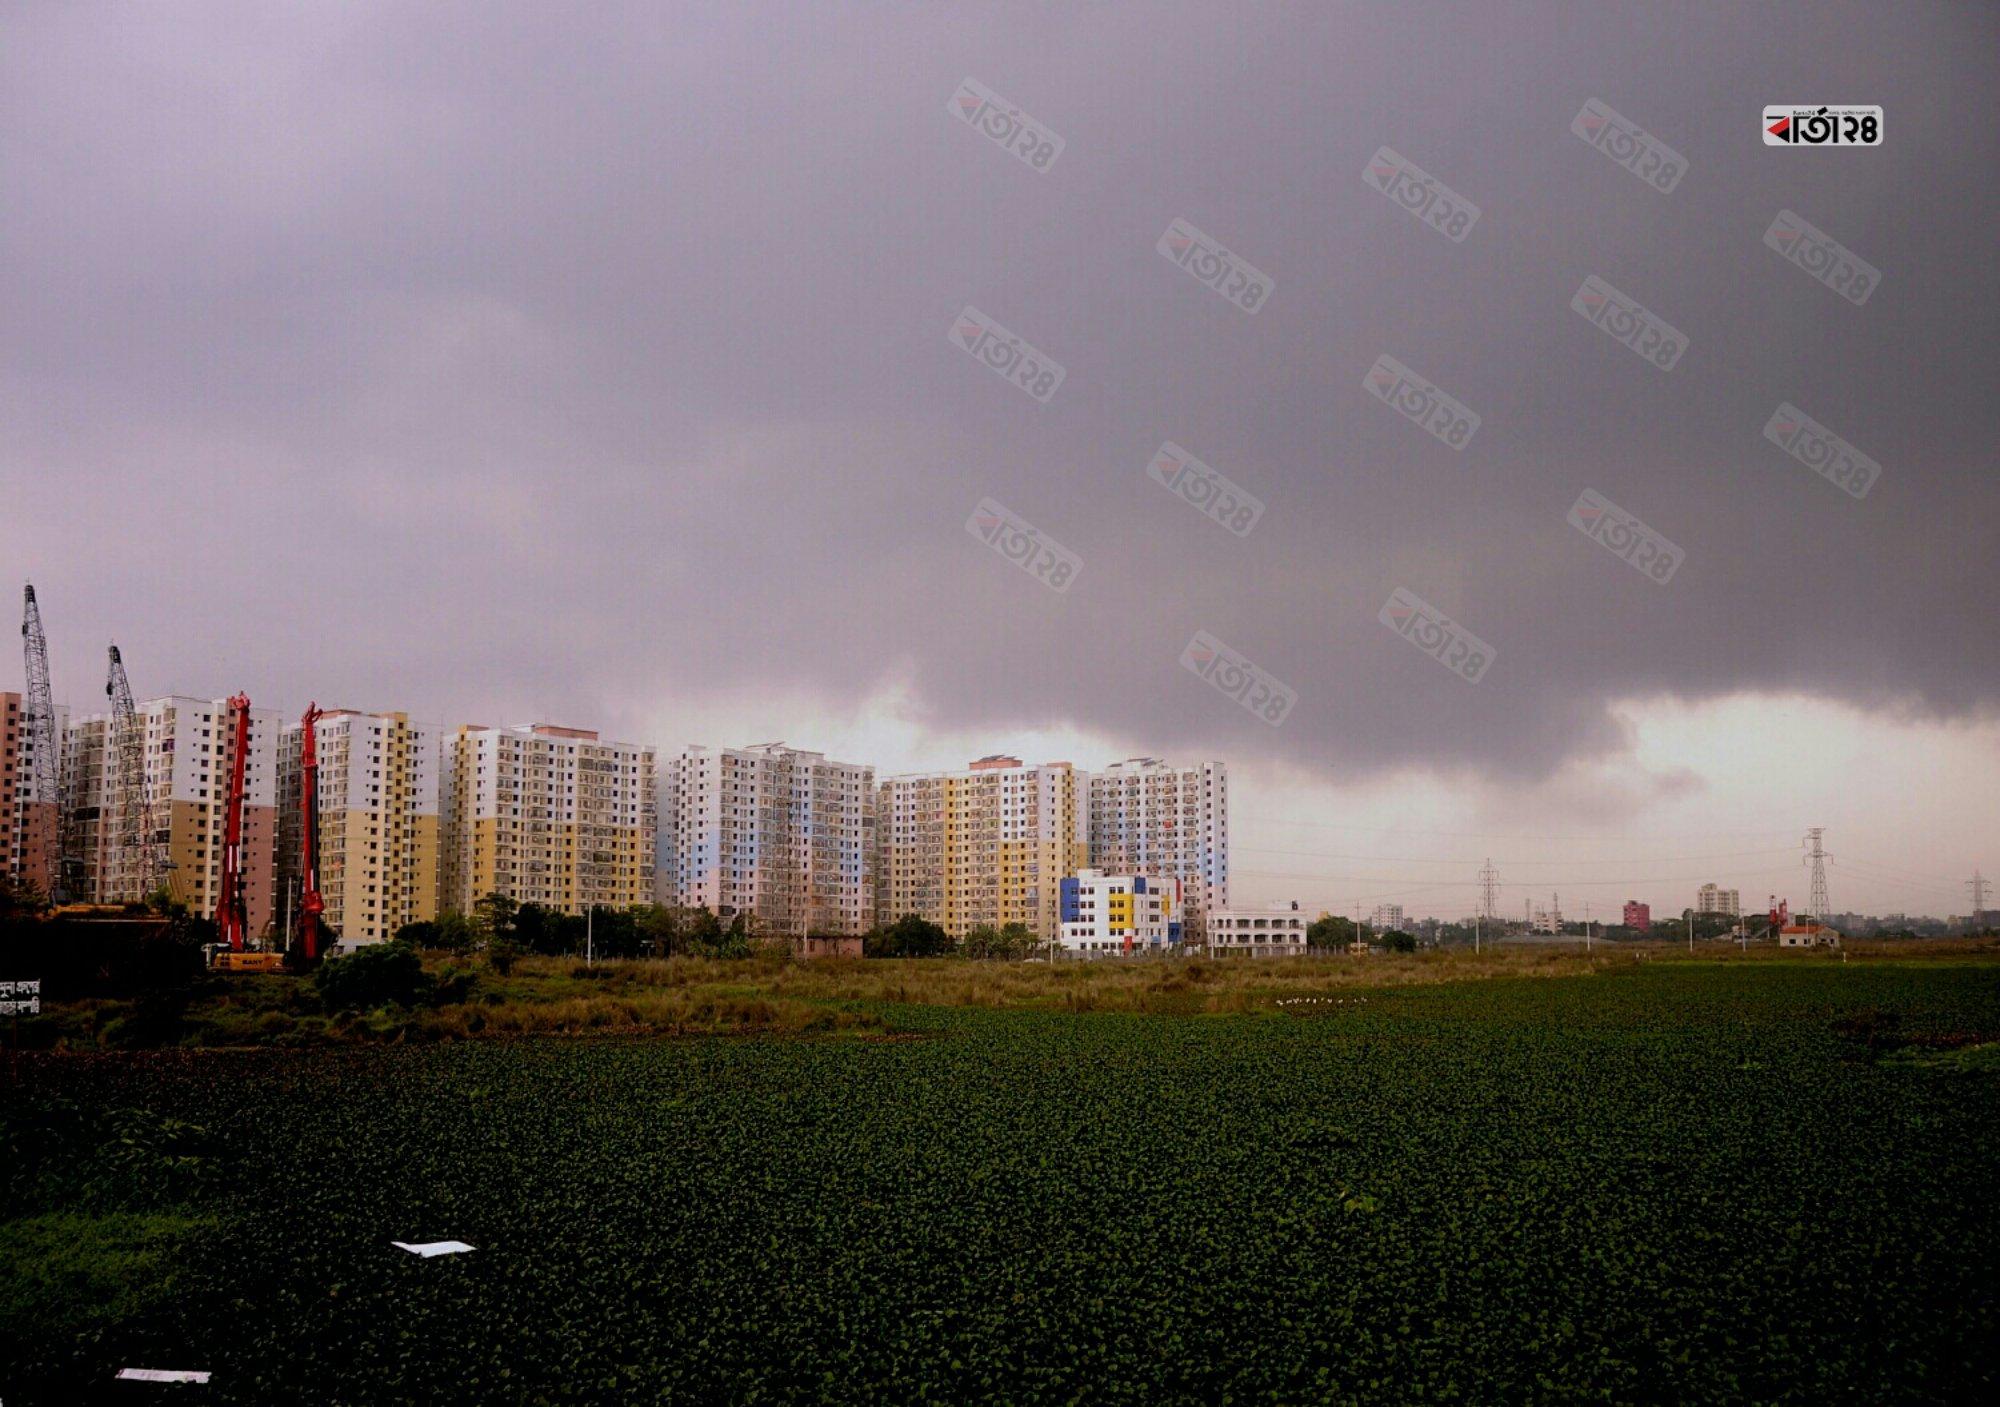 নিম্নচাপের কারনে আকাশে কালো মেঘের খেলা। ছবিটি খিলক্ষেত নয়াপাড়া এলাকা থেকে তুলেছেন মেহেদী হাসান।